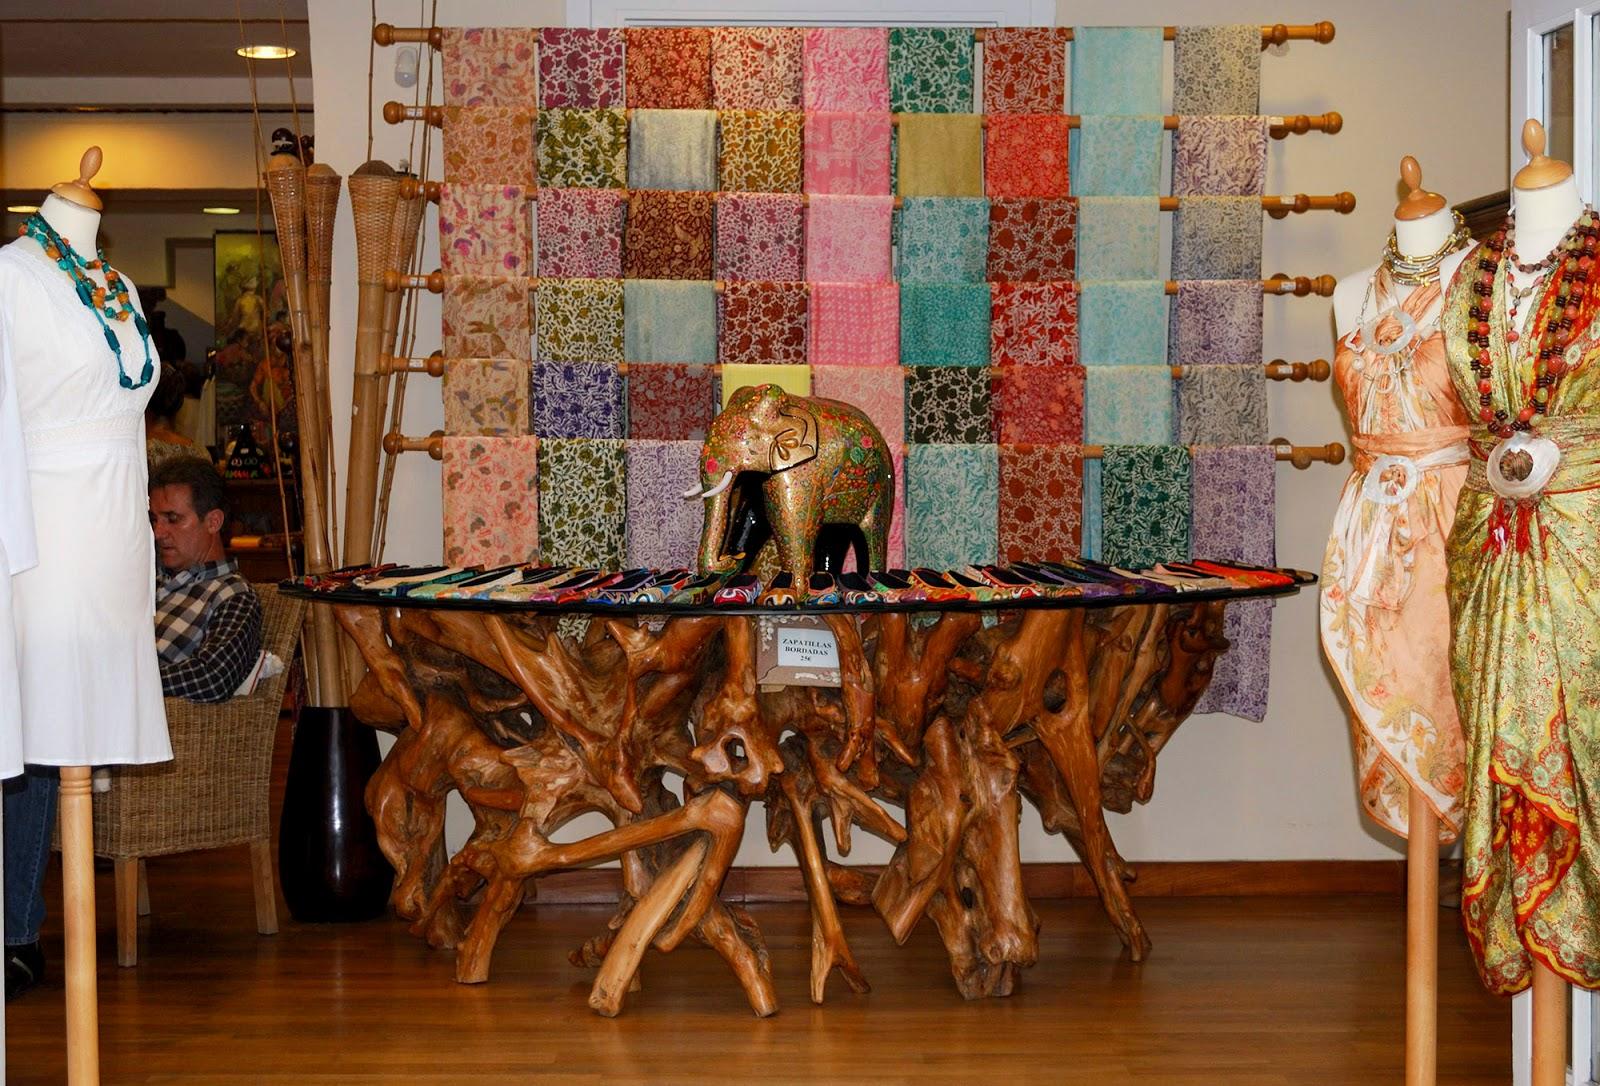 shop tienda marbella malaga spain